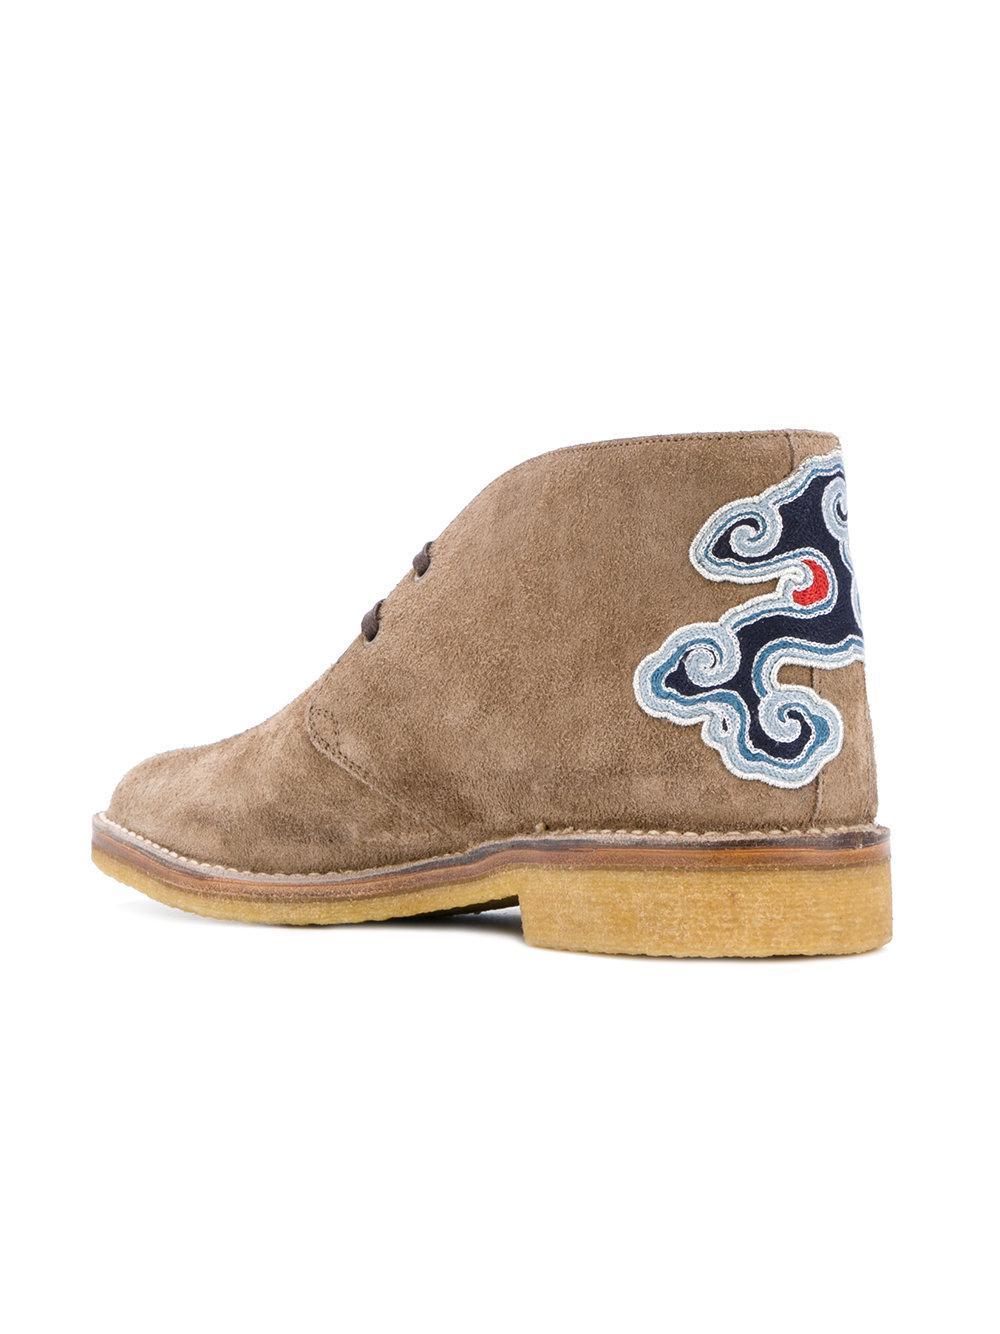 Gucci Tiger's head appliqué boots HzJjo3TP